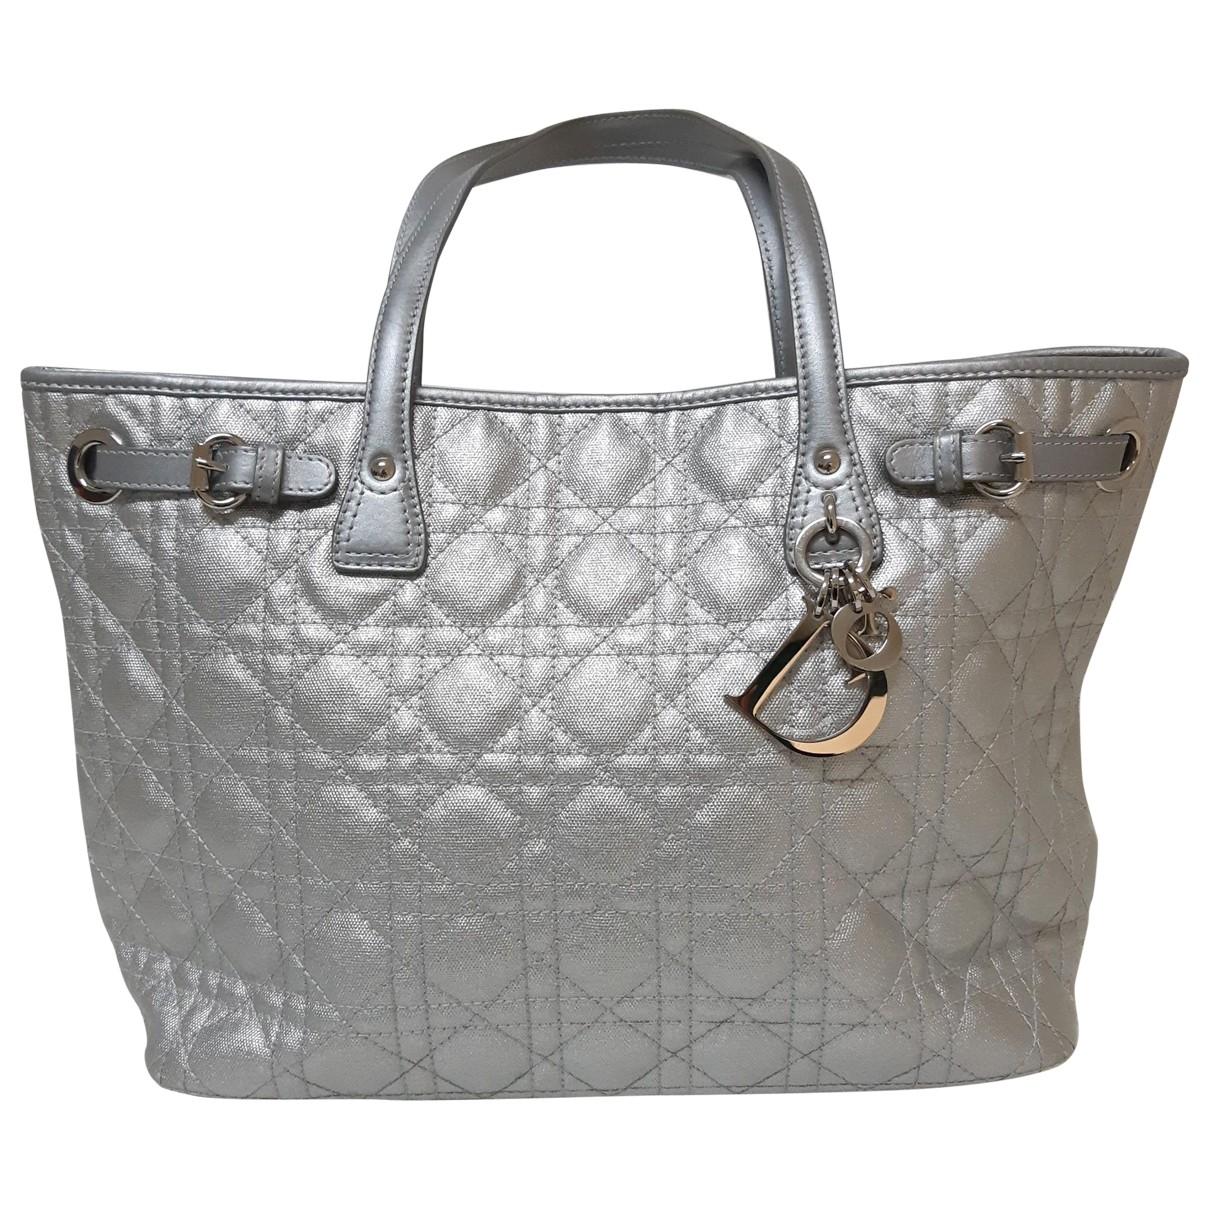 Dior - Sac a main Dior Panarea pour femme en toile - argente